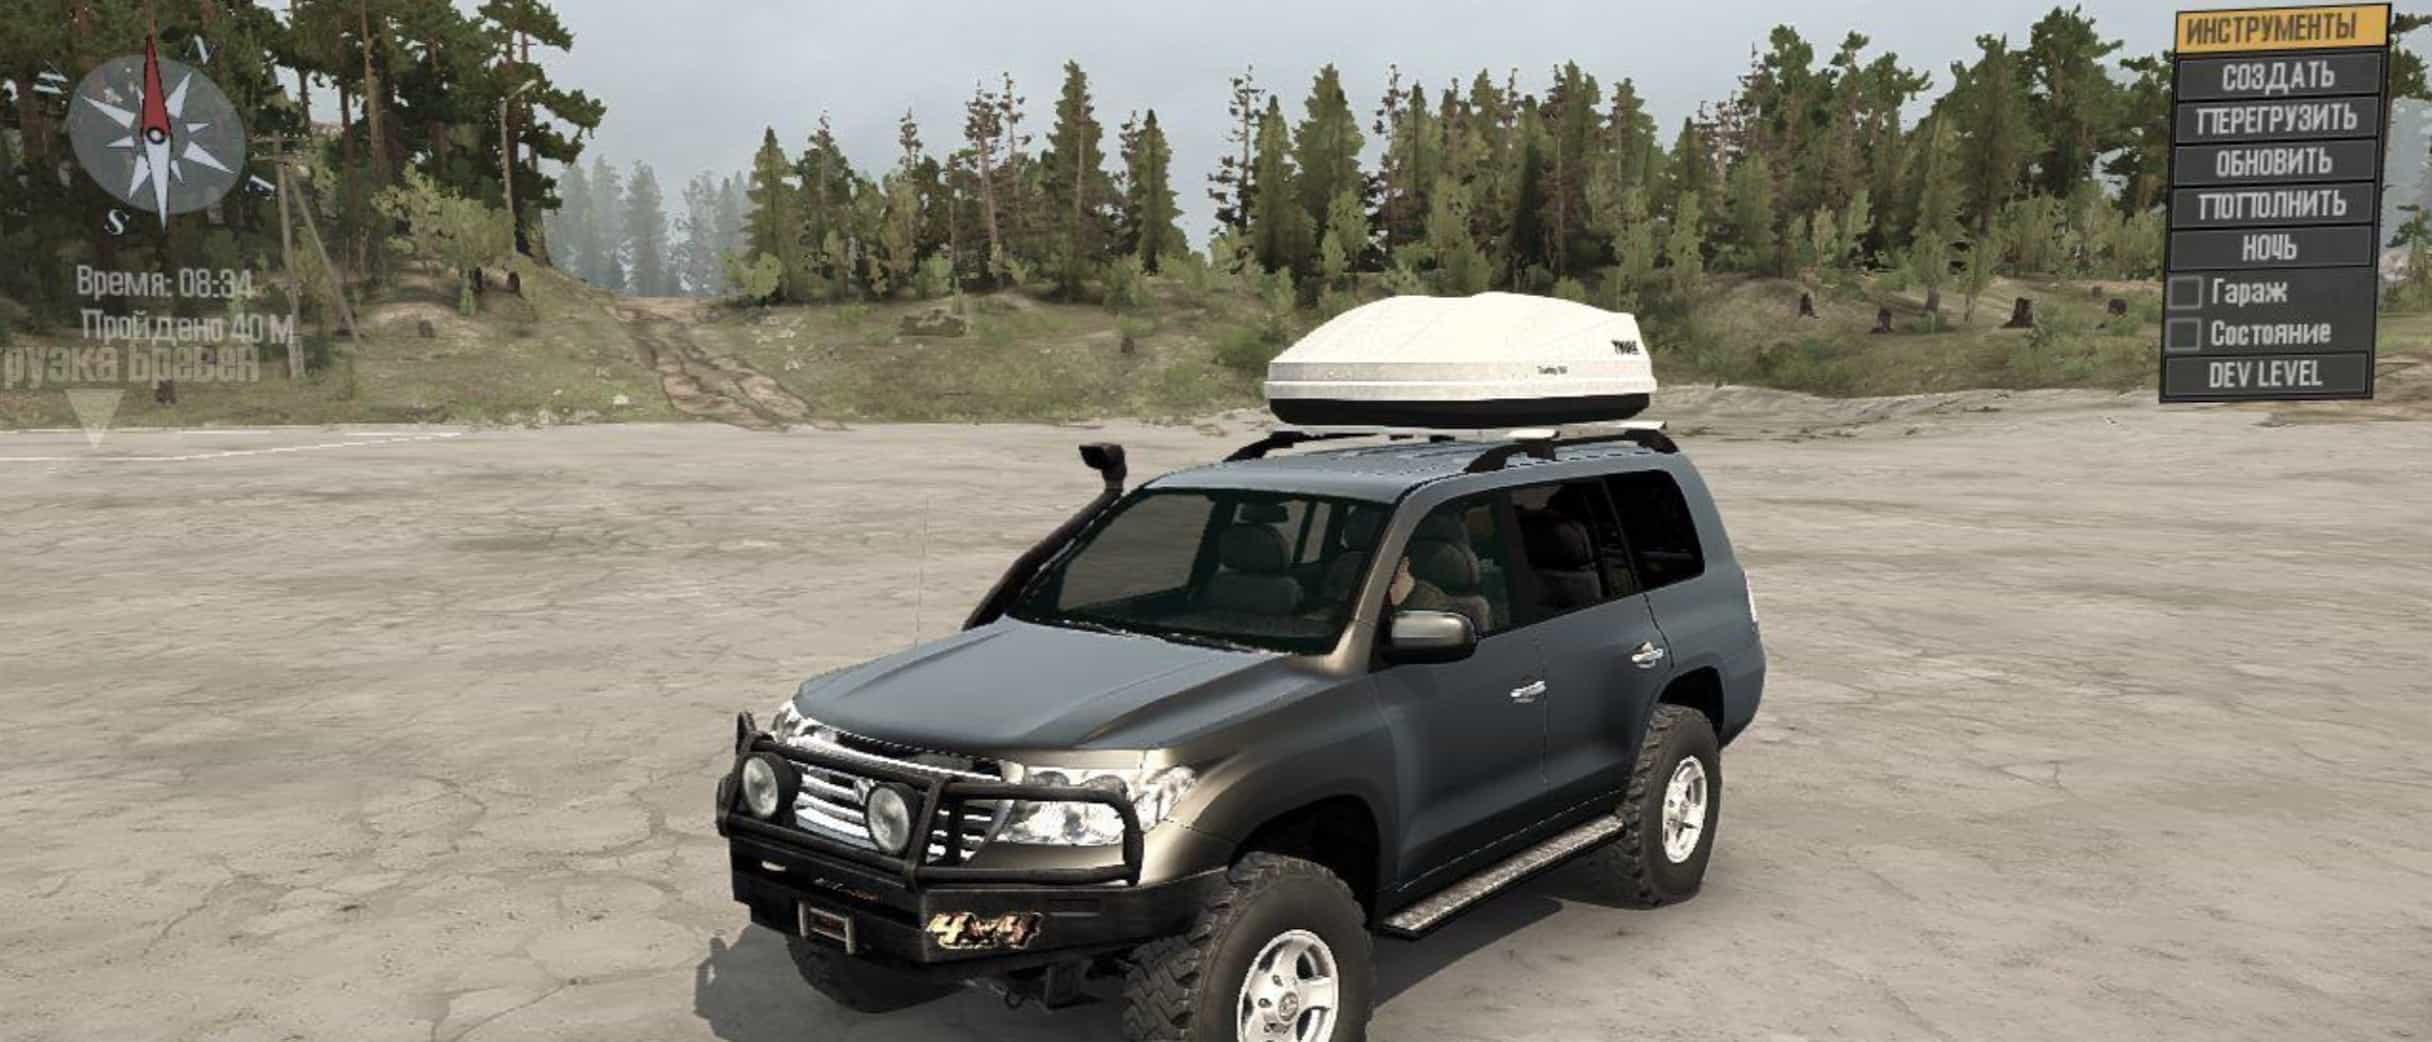 Toyota Land Cruiser 200 V12 Spintires Mudrunner Mod